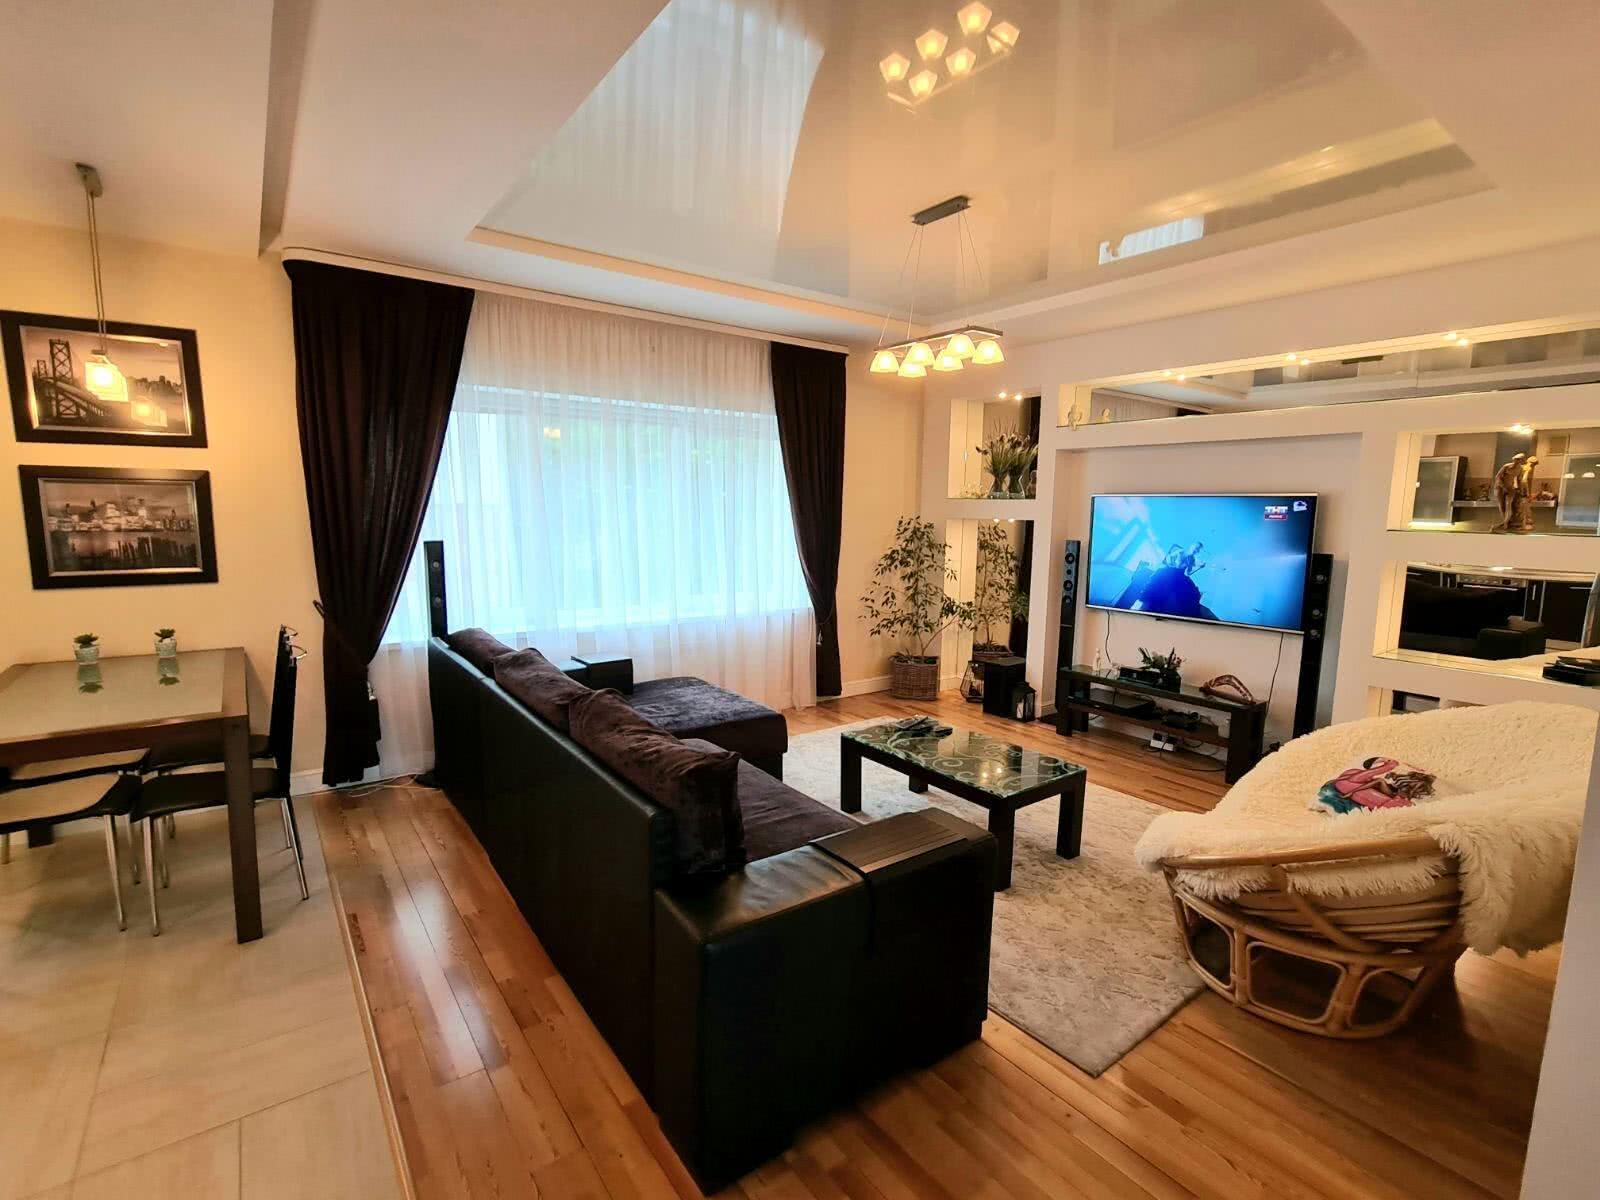 Продажа 2-этажного дома в Минске, Минская область ул. Собинова - фото 4